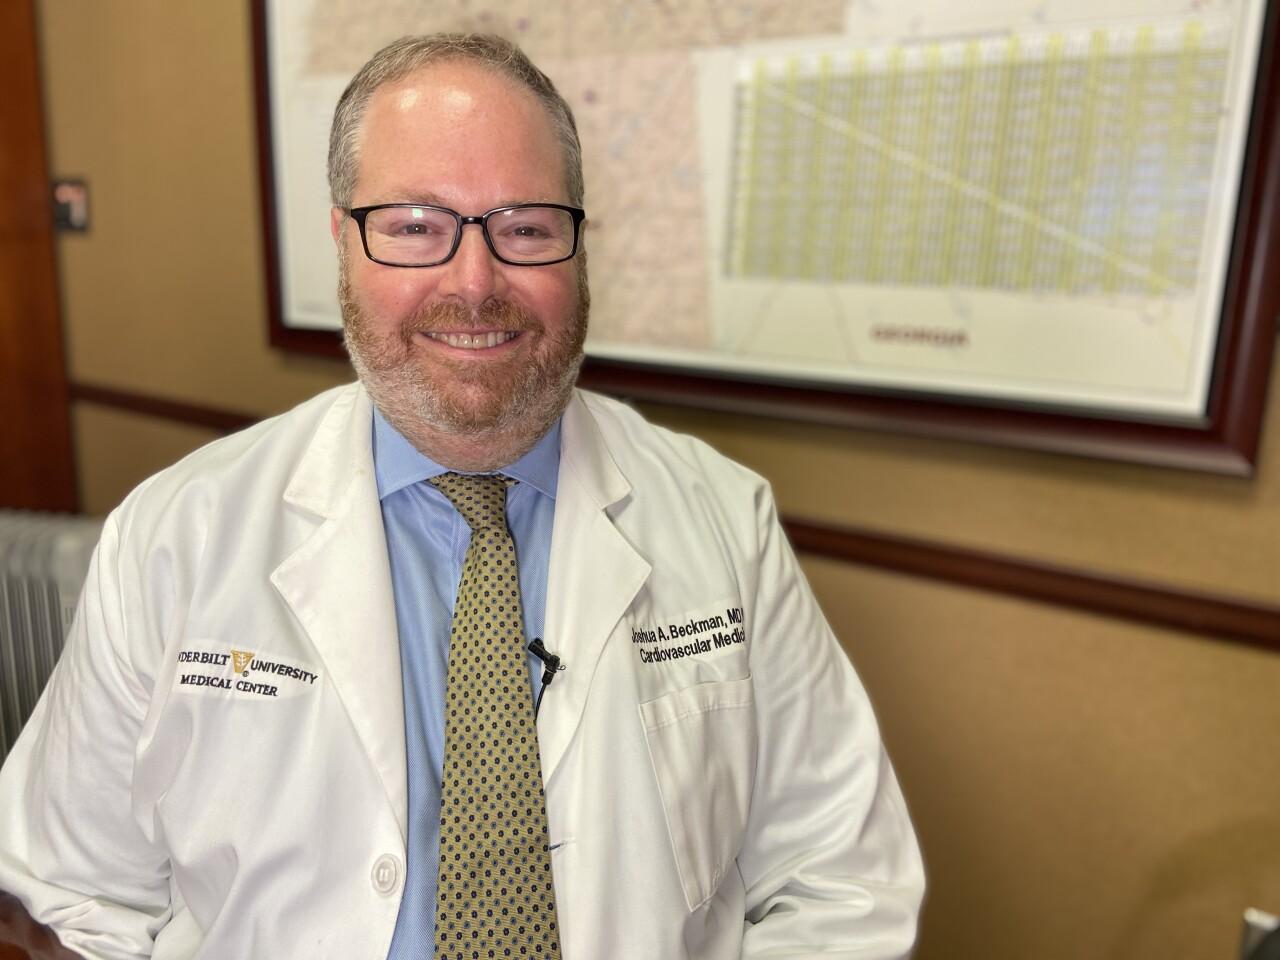 Dr. Josh Beckman.jpg